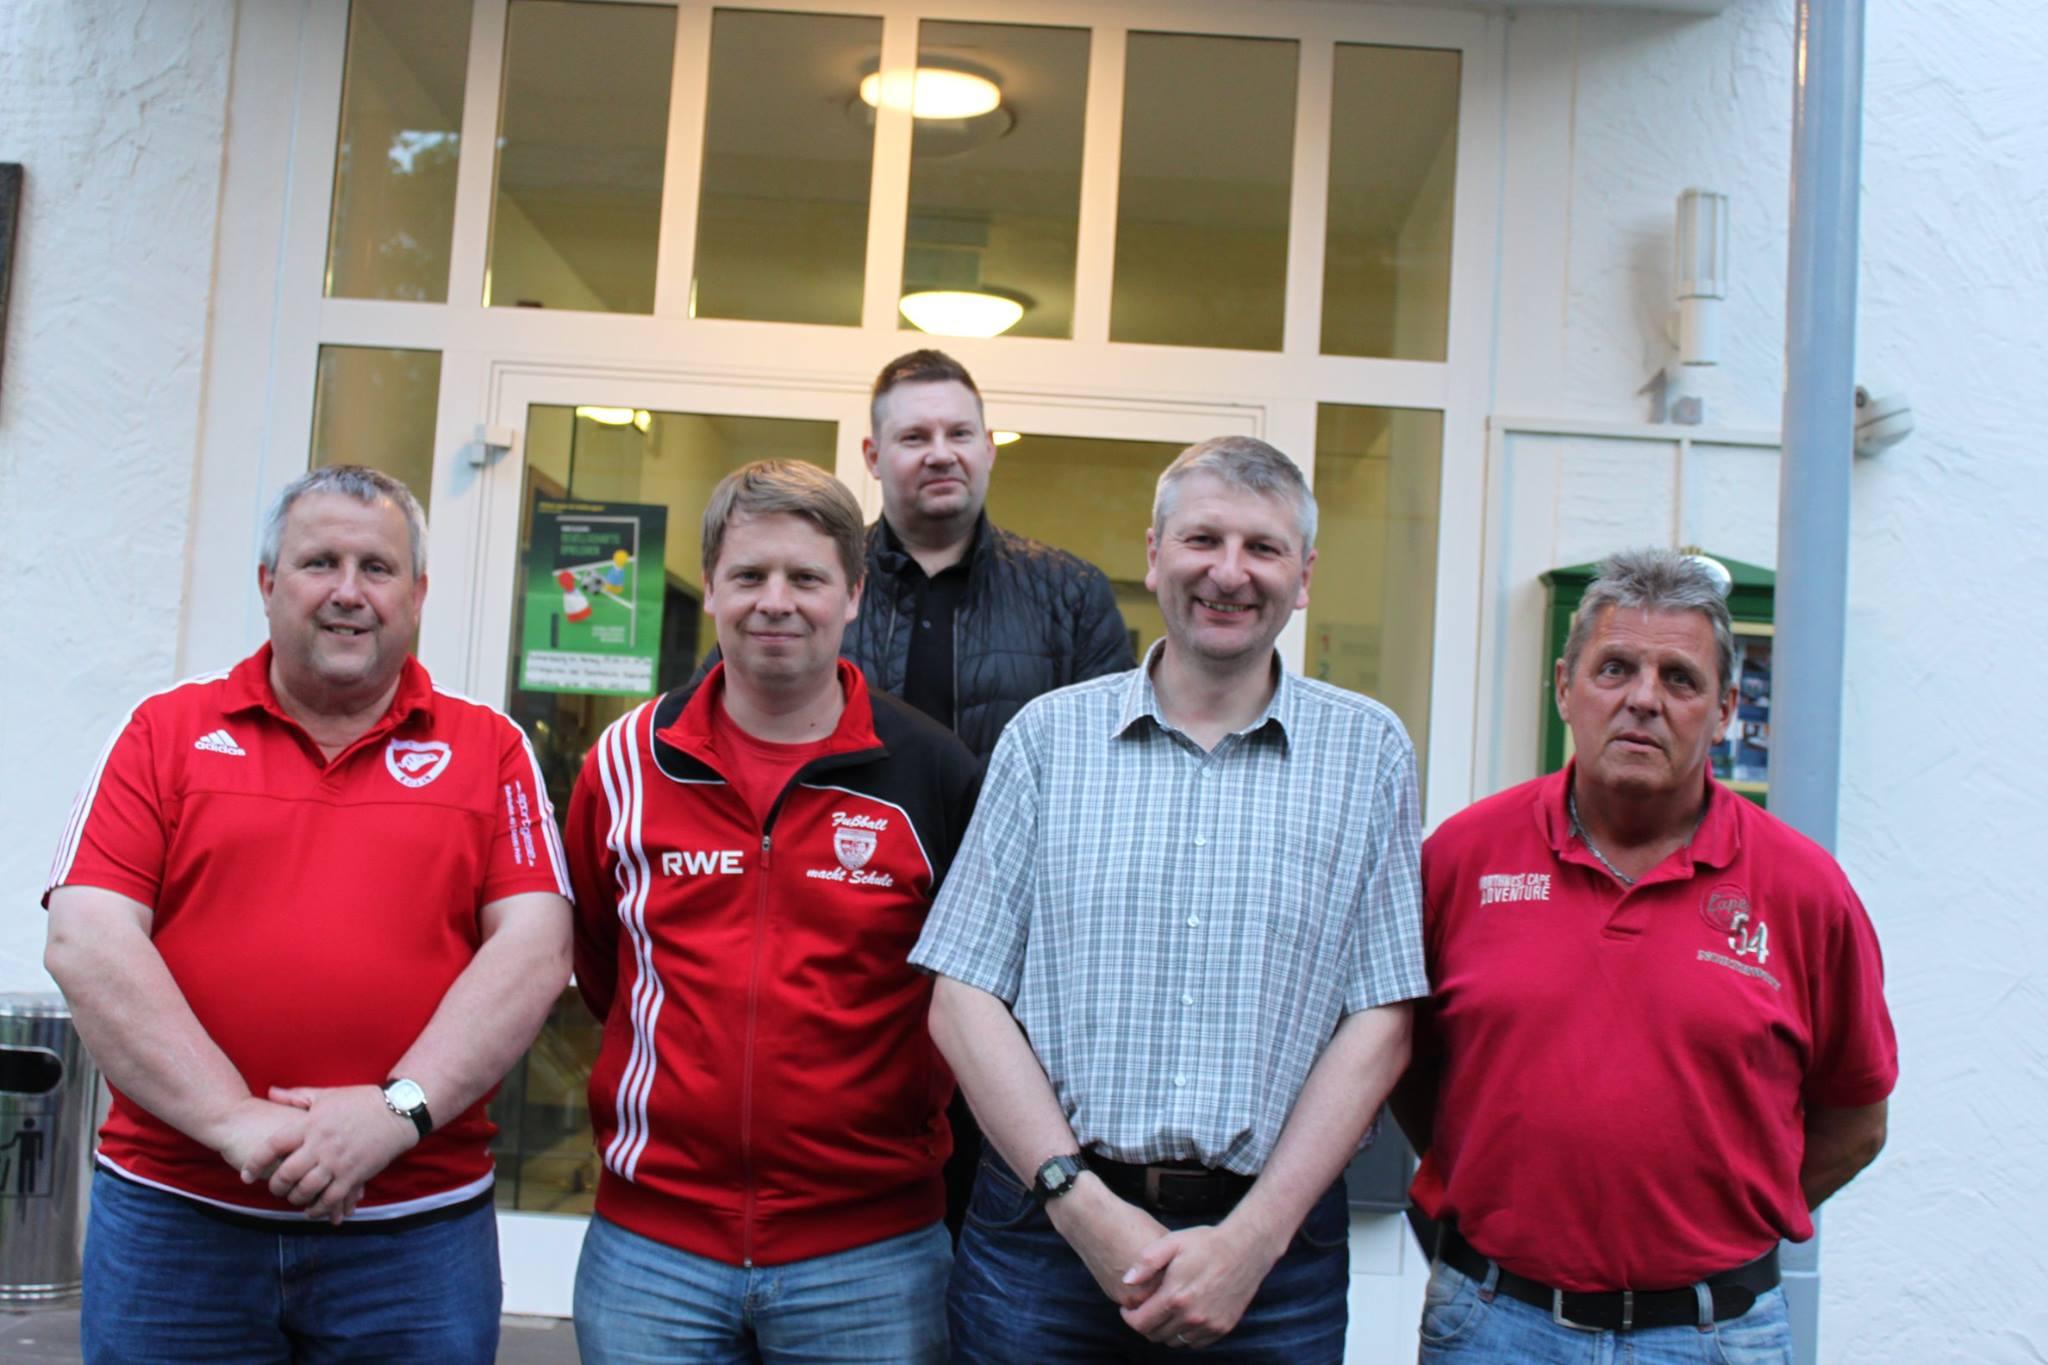 Klaus Mergen, Daniel Roselieb, Bernhard Ennen, Daniel Böhm und Hans-Werner Meyer